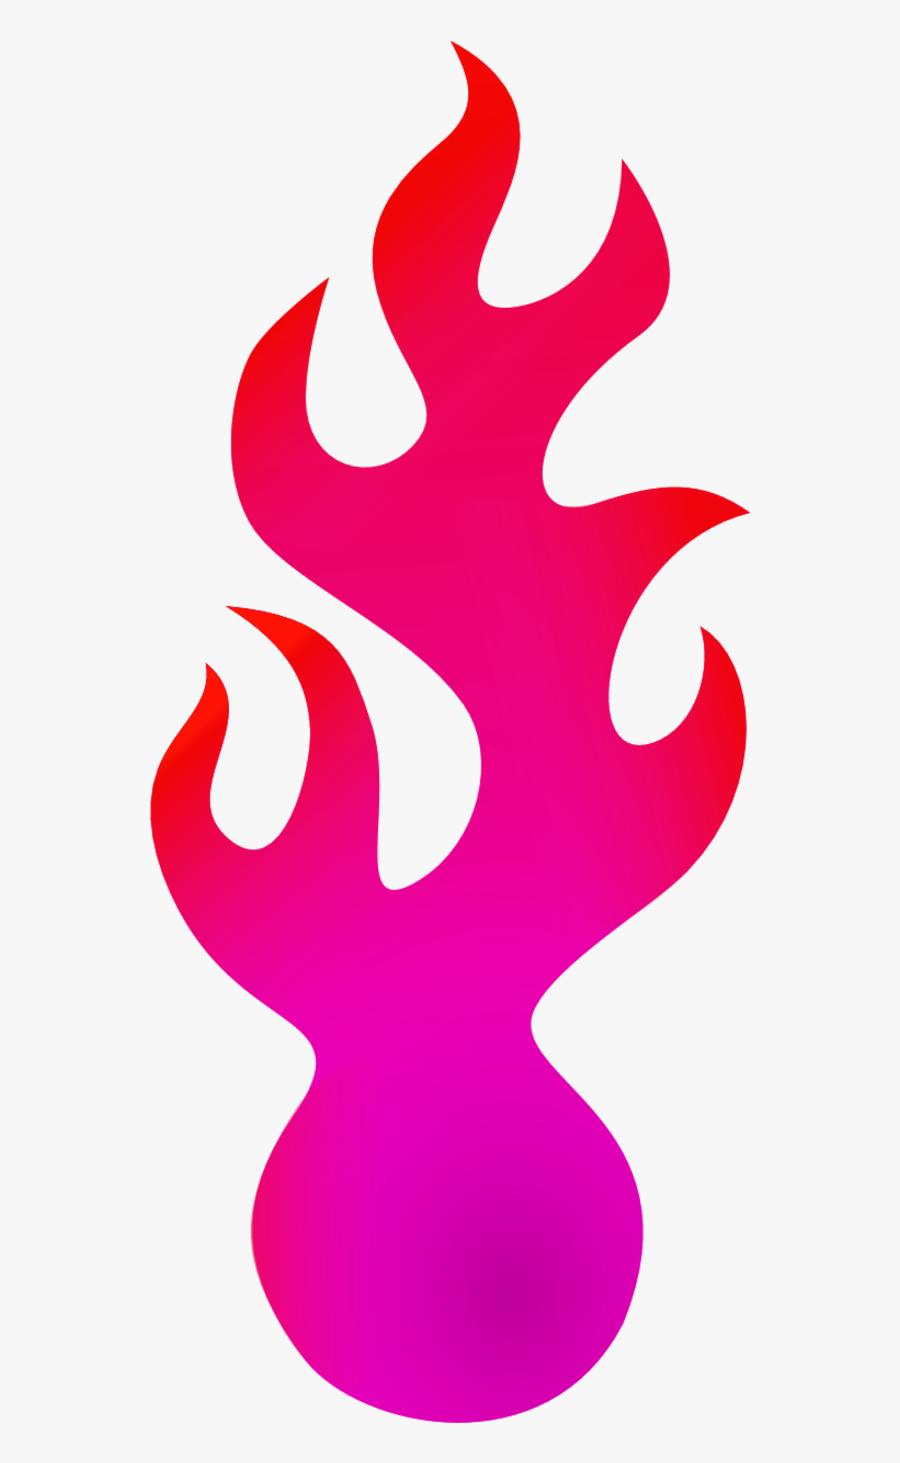 Pink Fire - Blue Fire Cartoon Png, Transparent Clipart